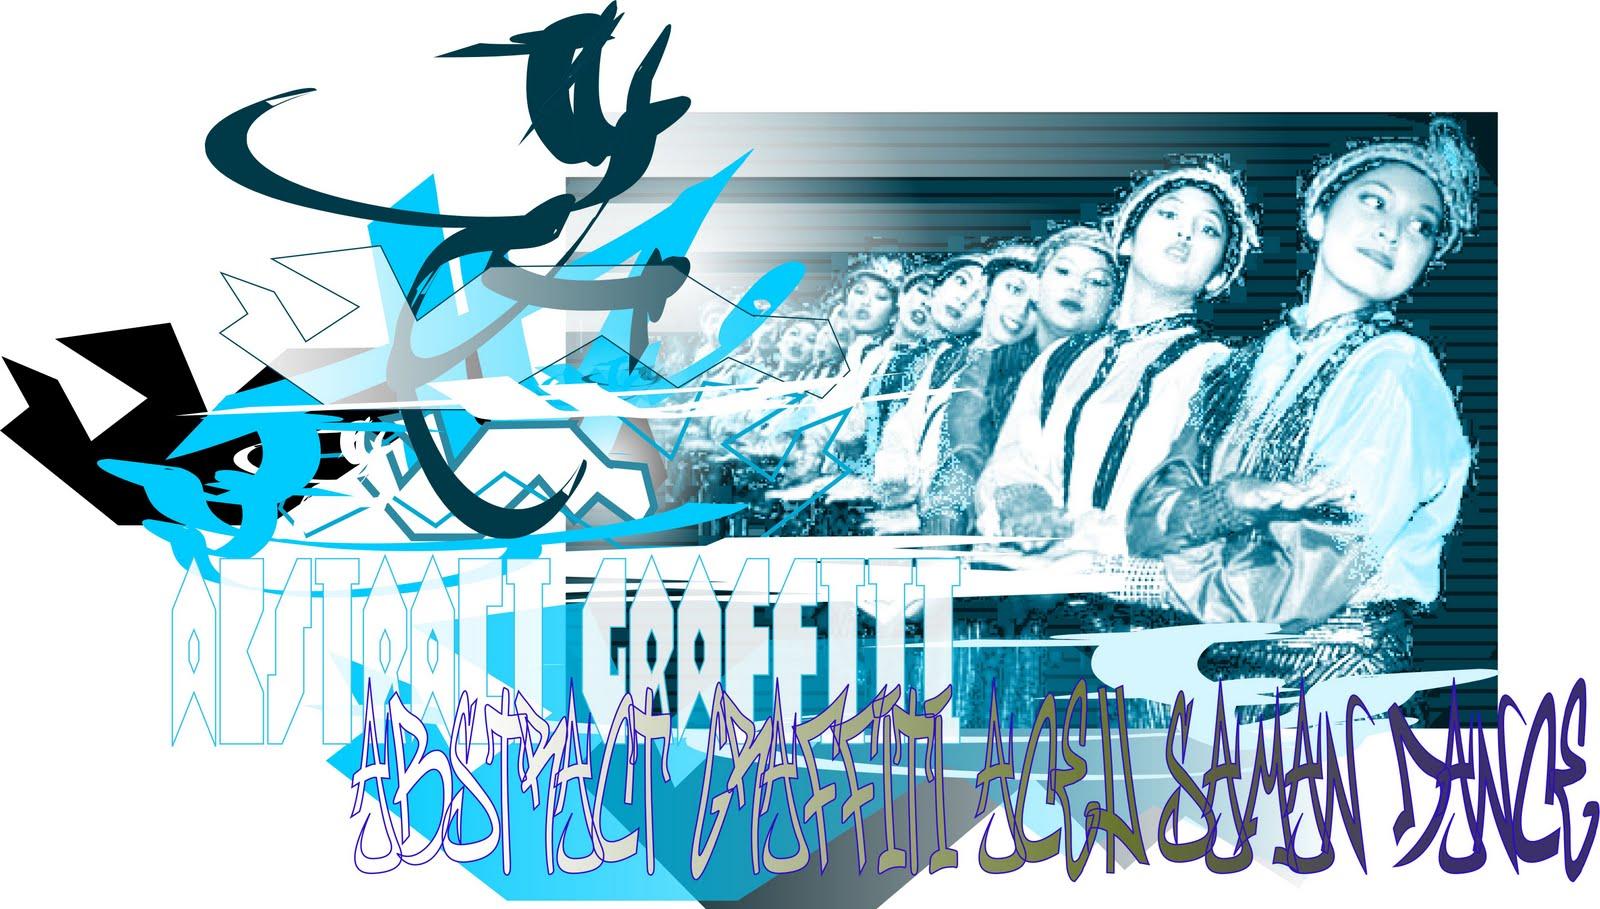 http://1.bp.blogspot.com/-ynHBu4U5QTA/Tmccb8Bnf5I/AAAAAAAAAvU/pvT_tAydvkM/s1600/TariSaman1aJPG.jpg